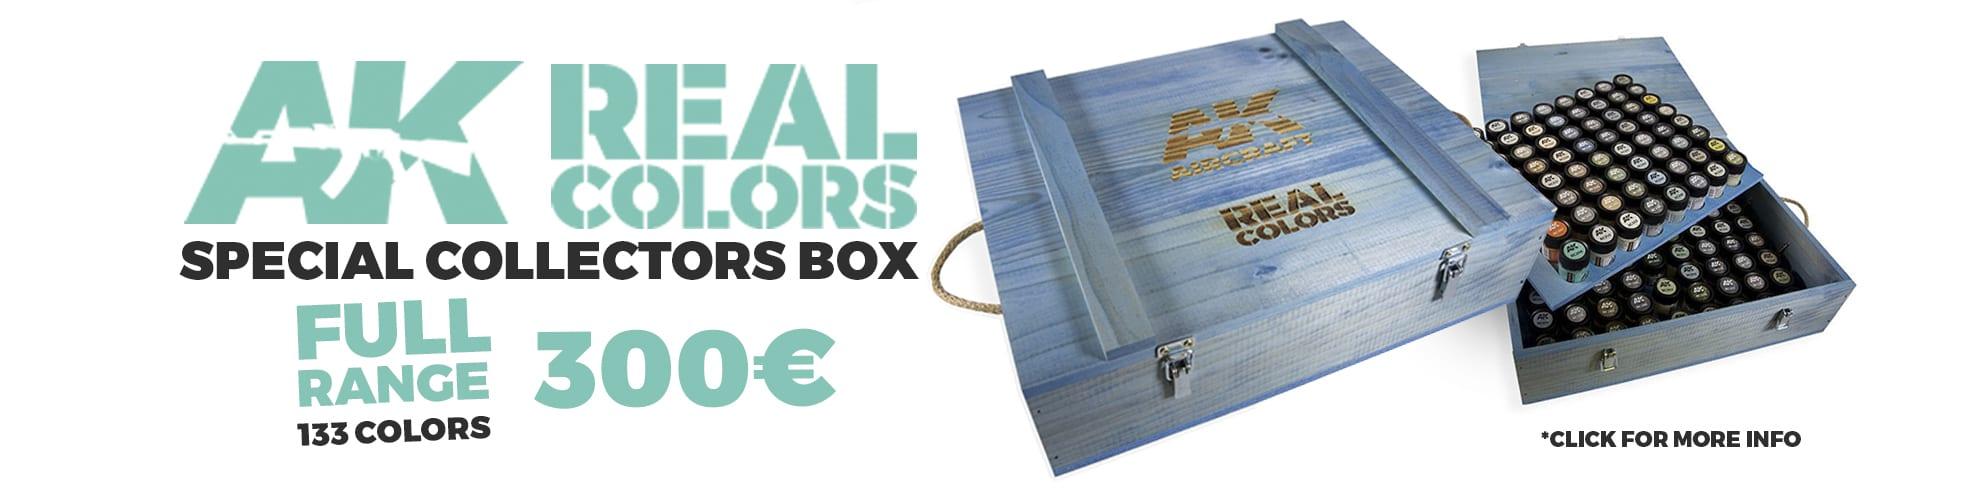 aircraft wooden box real colors akinteractive air